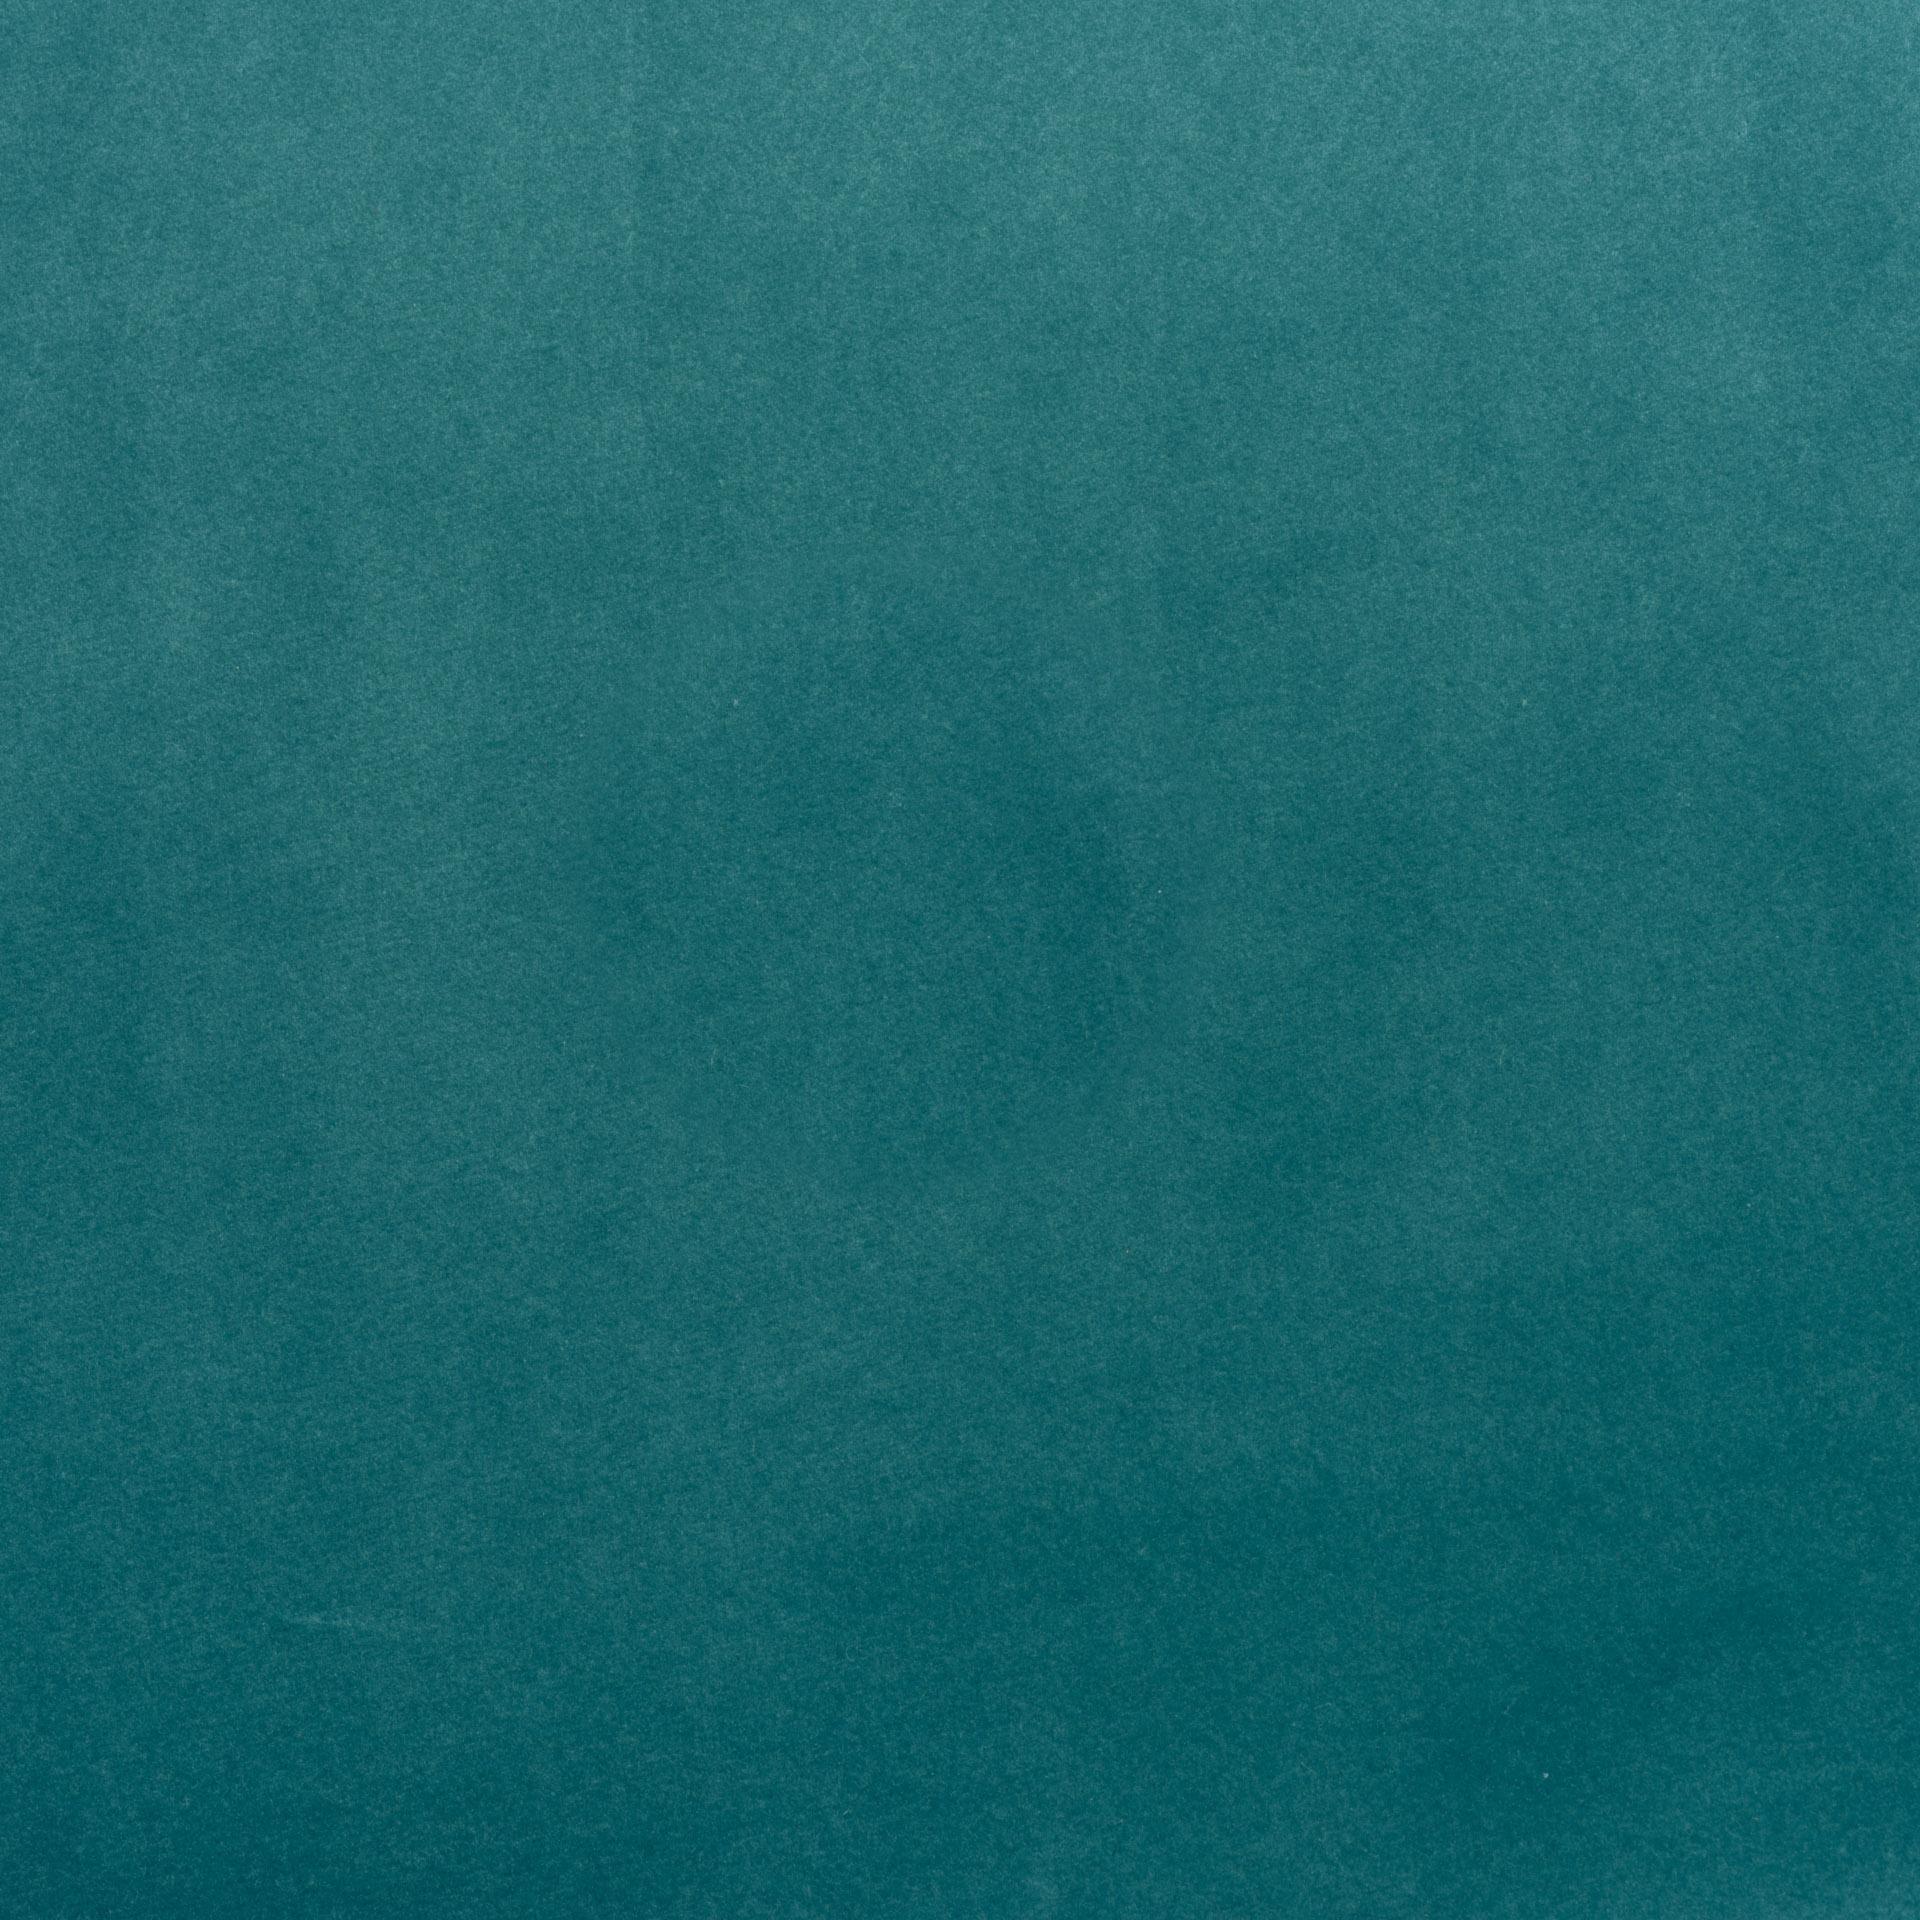 Коллекция ткани Альмира 08 LUCITE GREEN,  купить ткань Велюр для мебели Украина